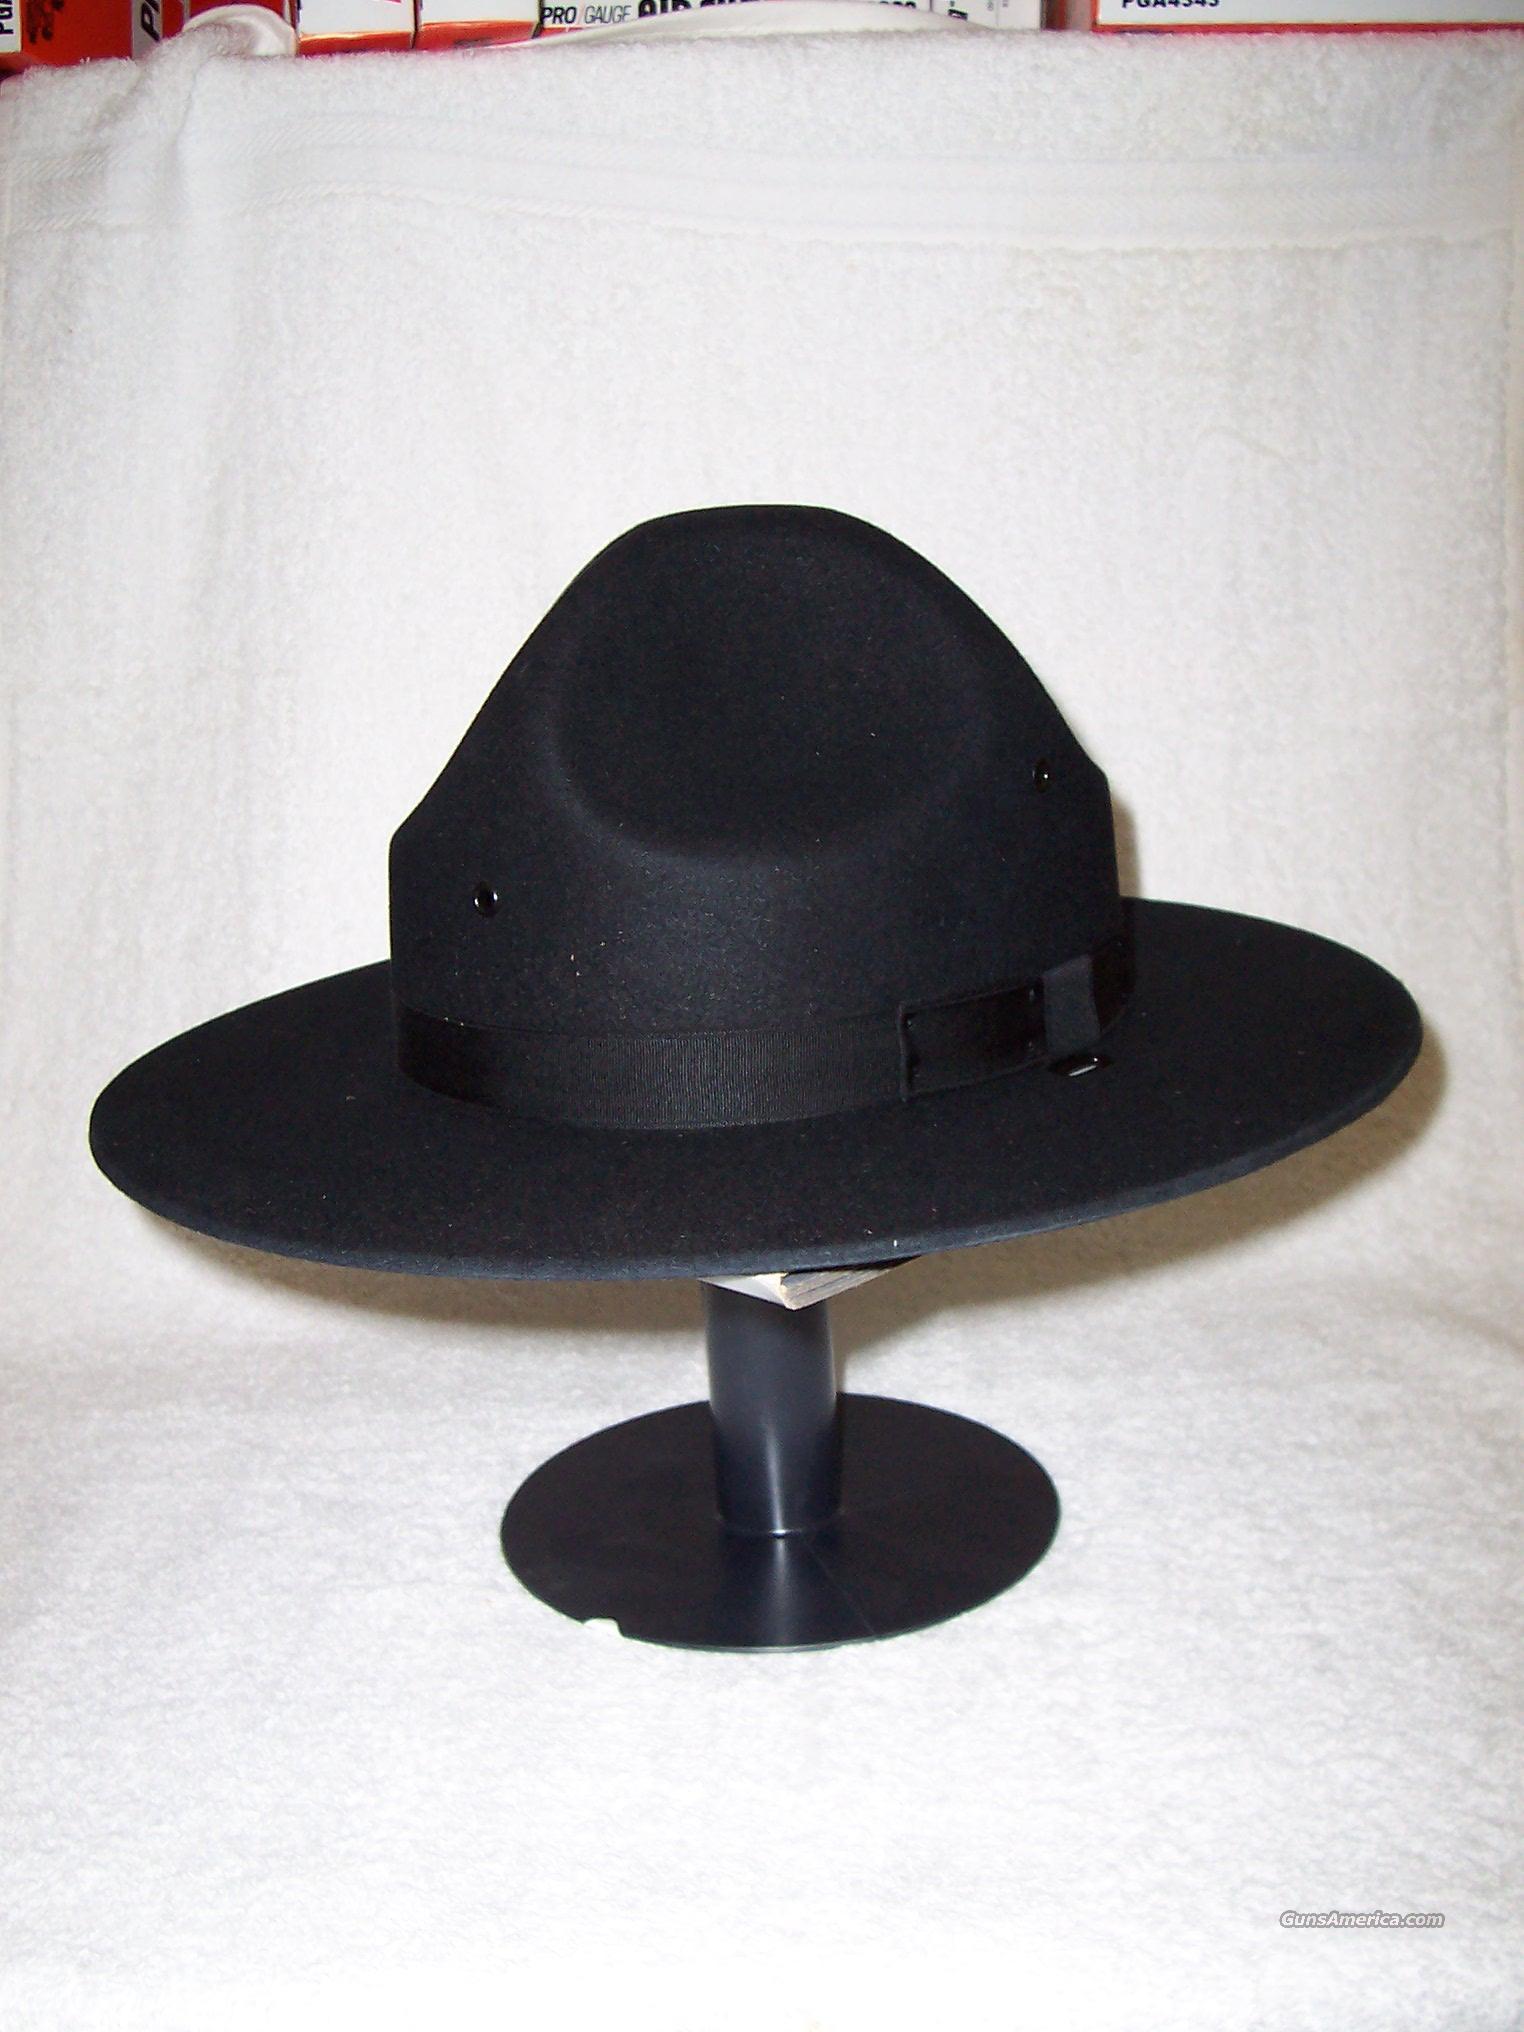 2e1a9e87 Stratton F-40 Felt Campaign/MP Hat Black for sale